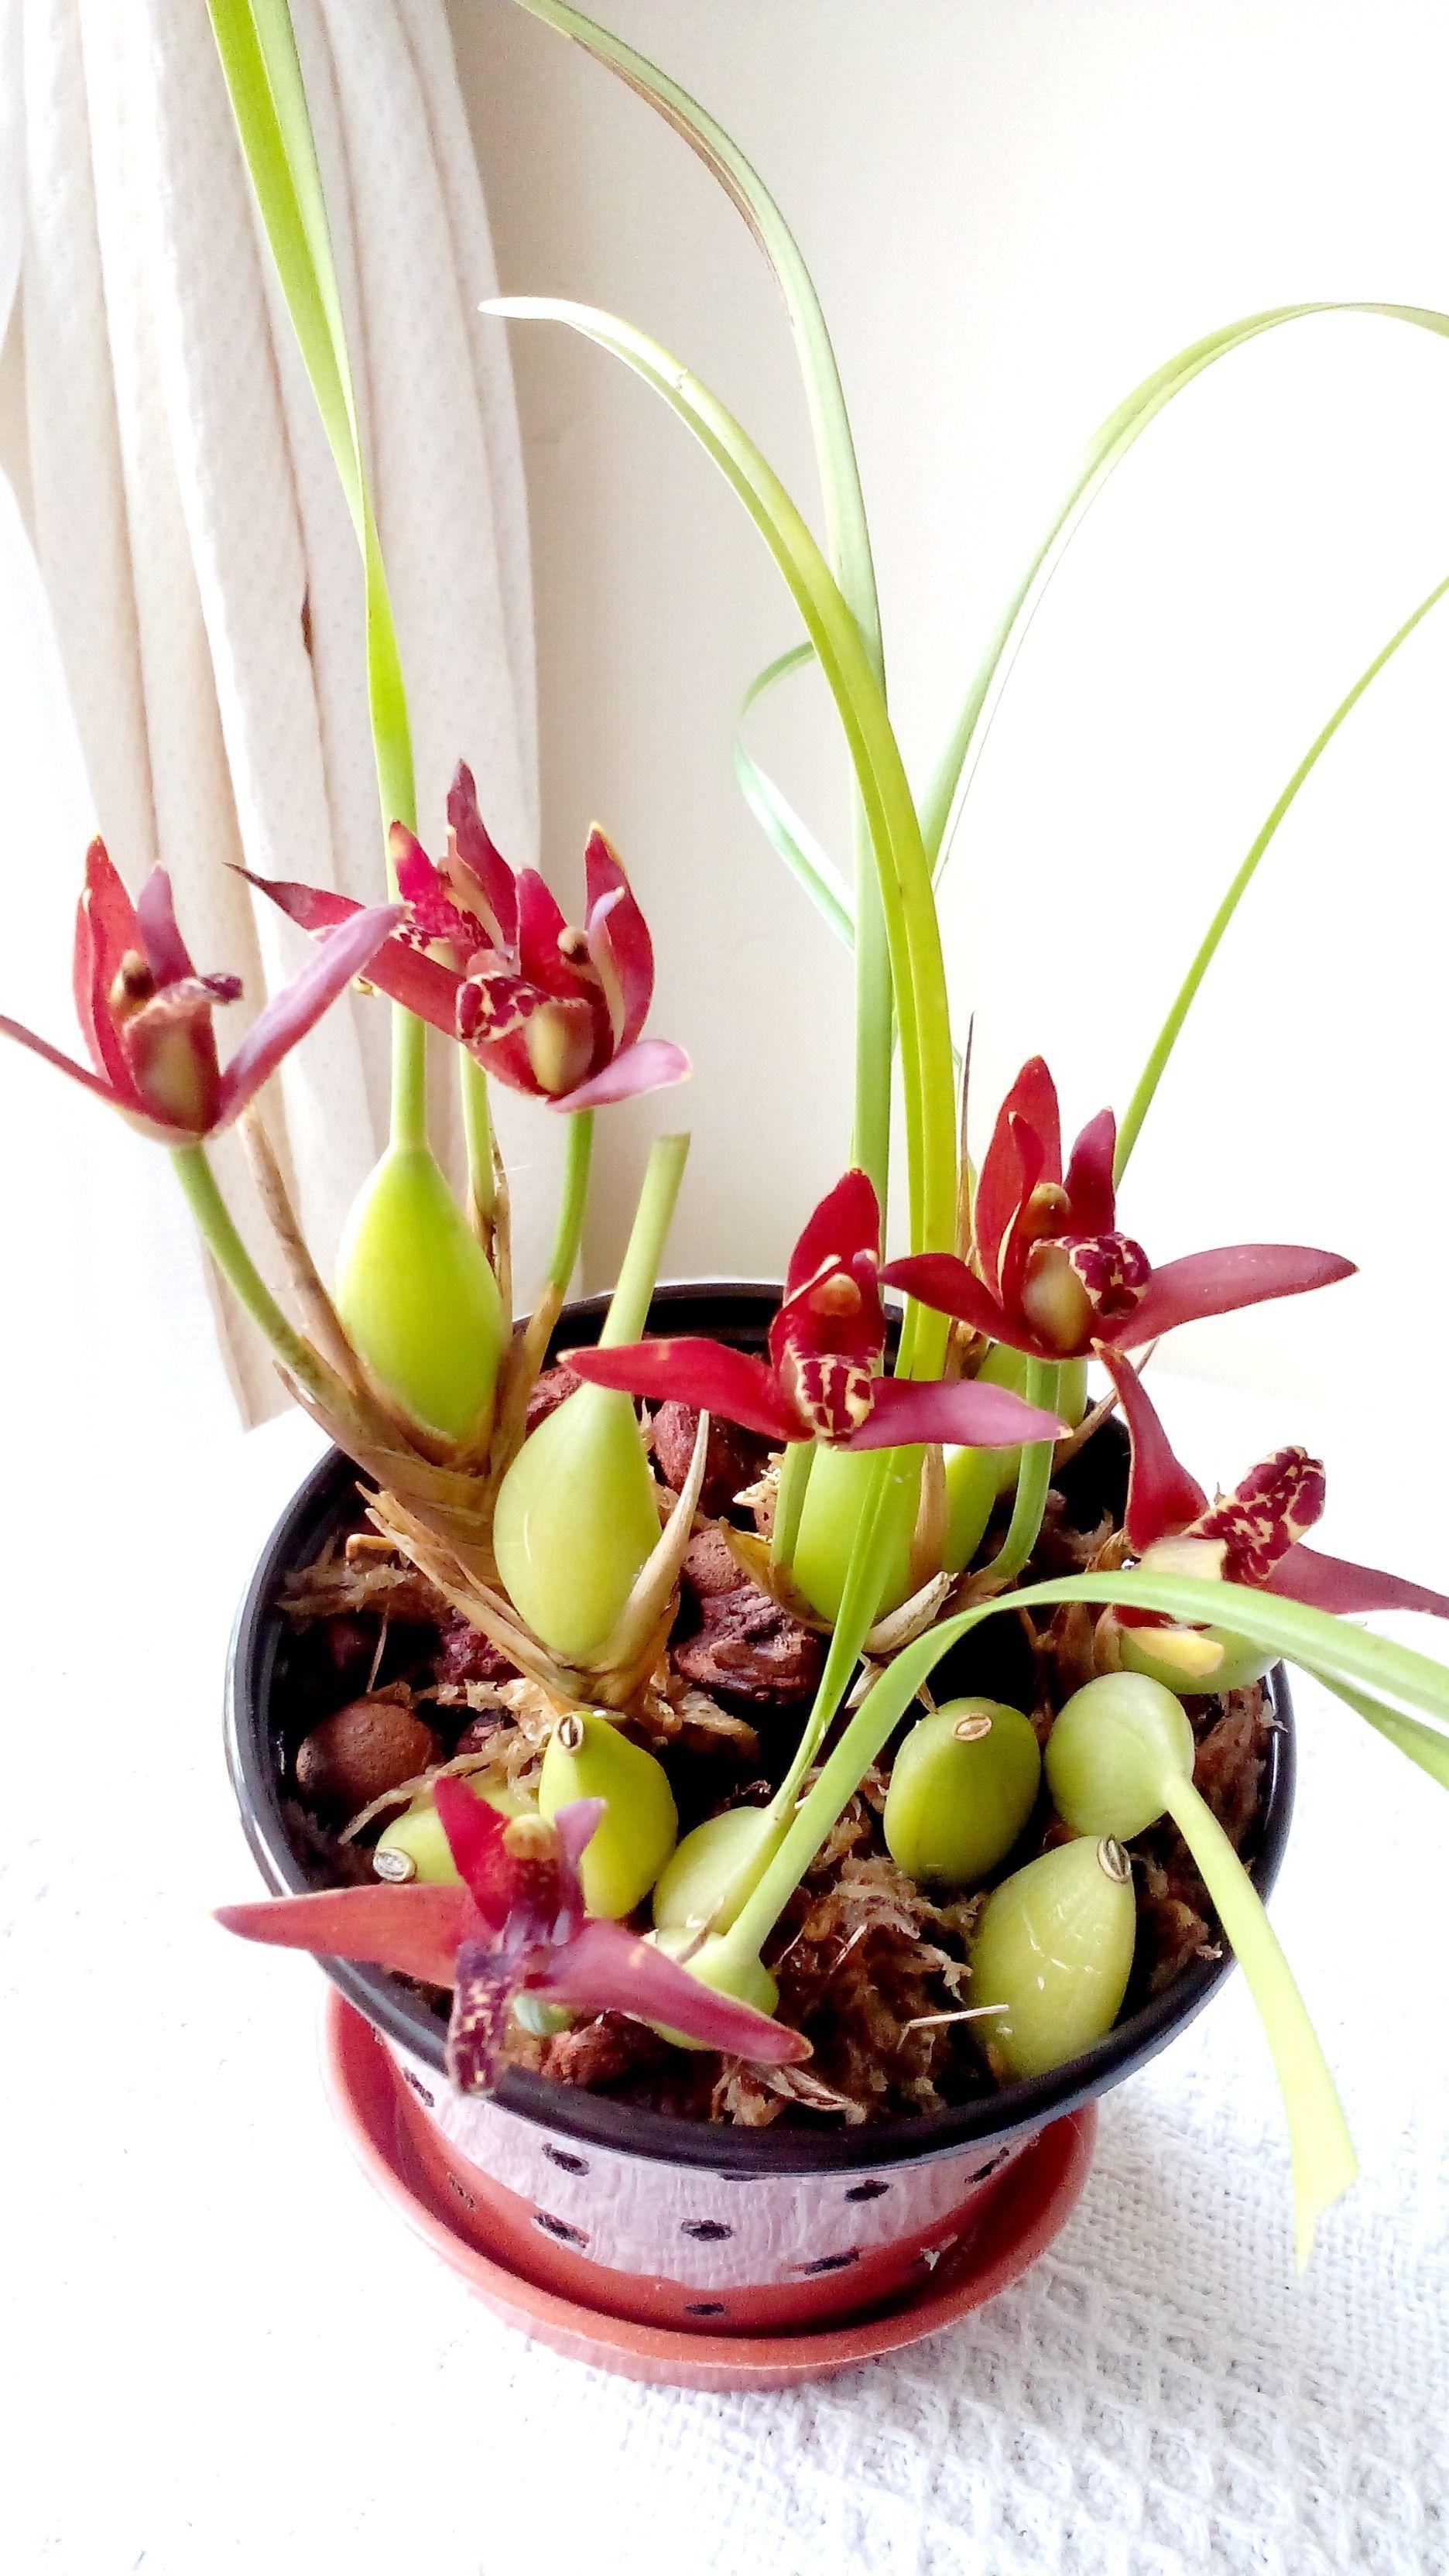 Orchidee Meravigliose Trucchi E Segreti le migliori 261 immagini su piante orchidee luis nel 2020